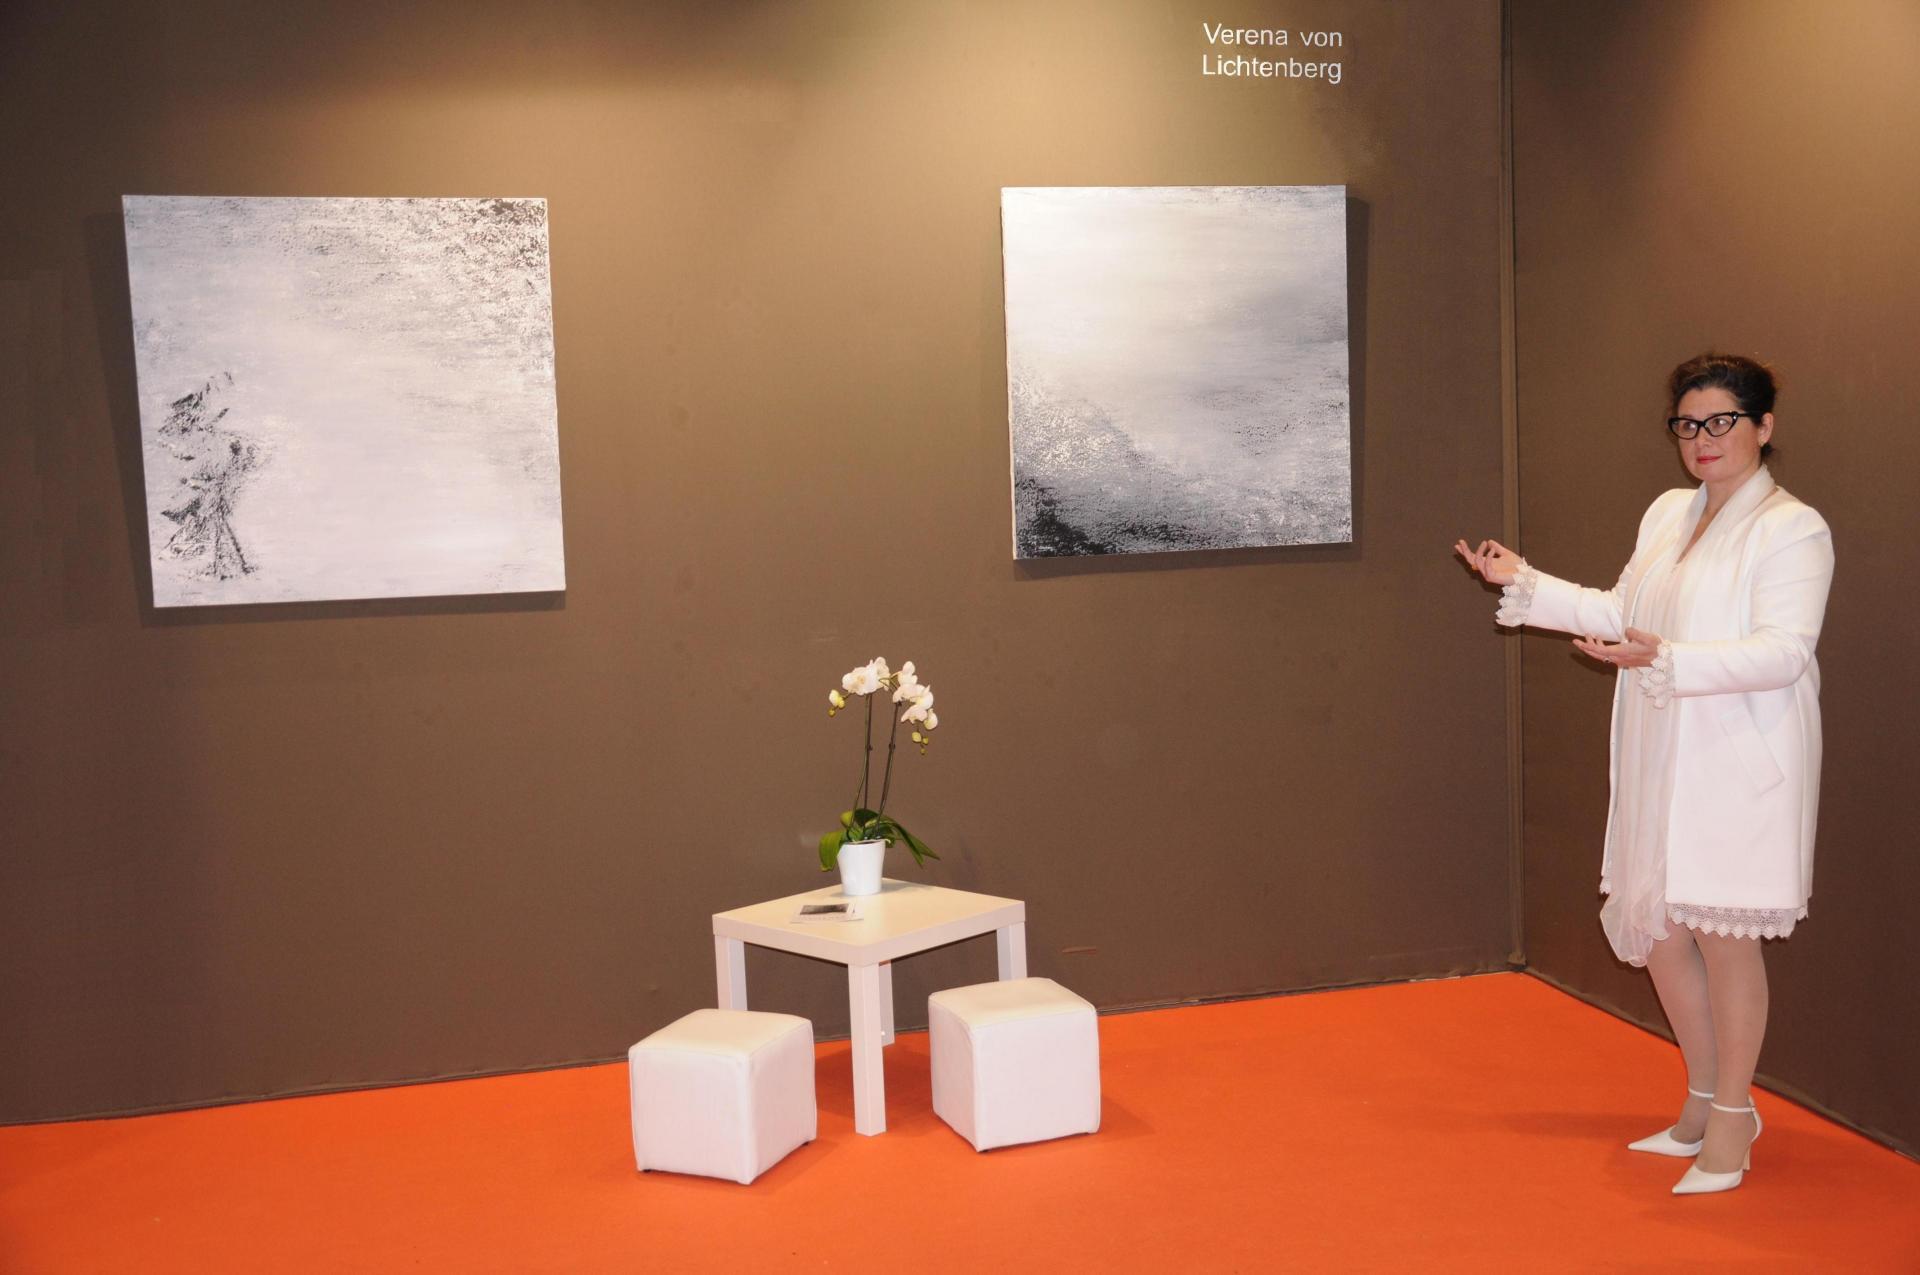 02 verena von lichtenberg artiste peintre une exposition d art au grand palais a paris